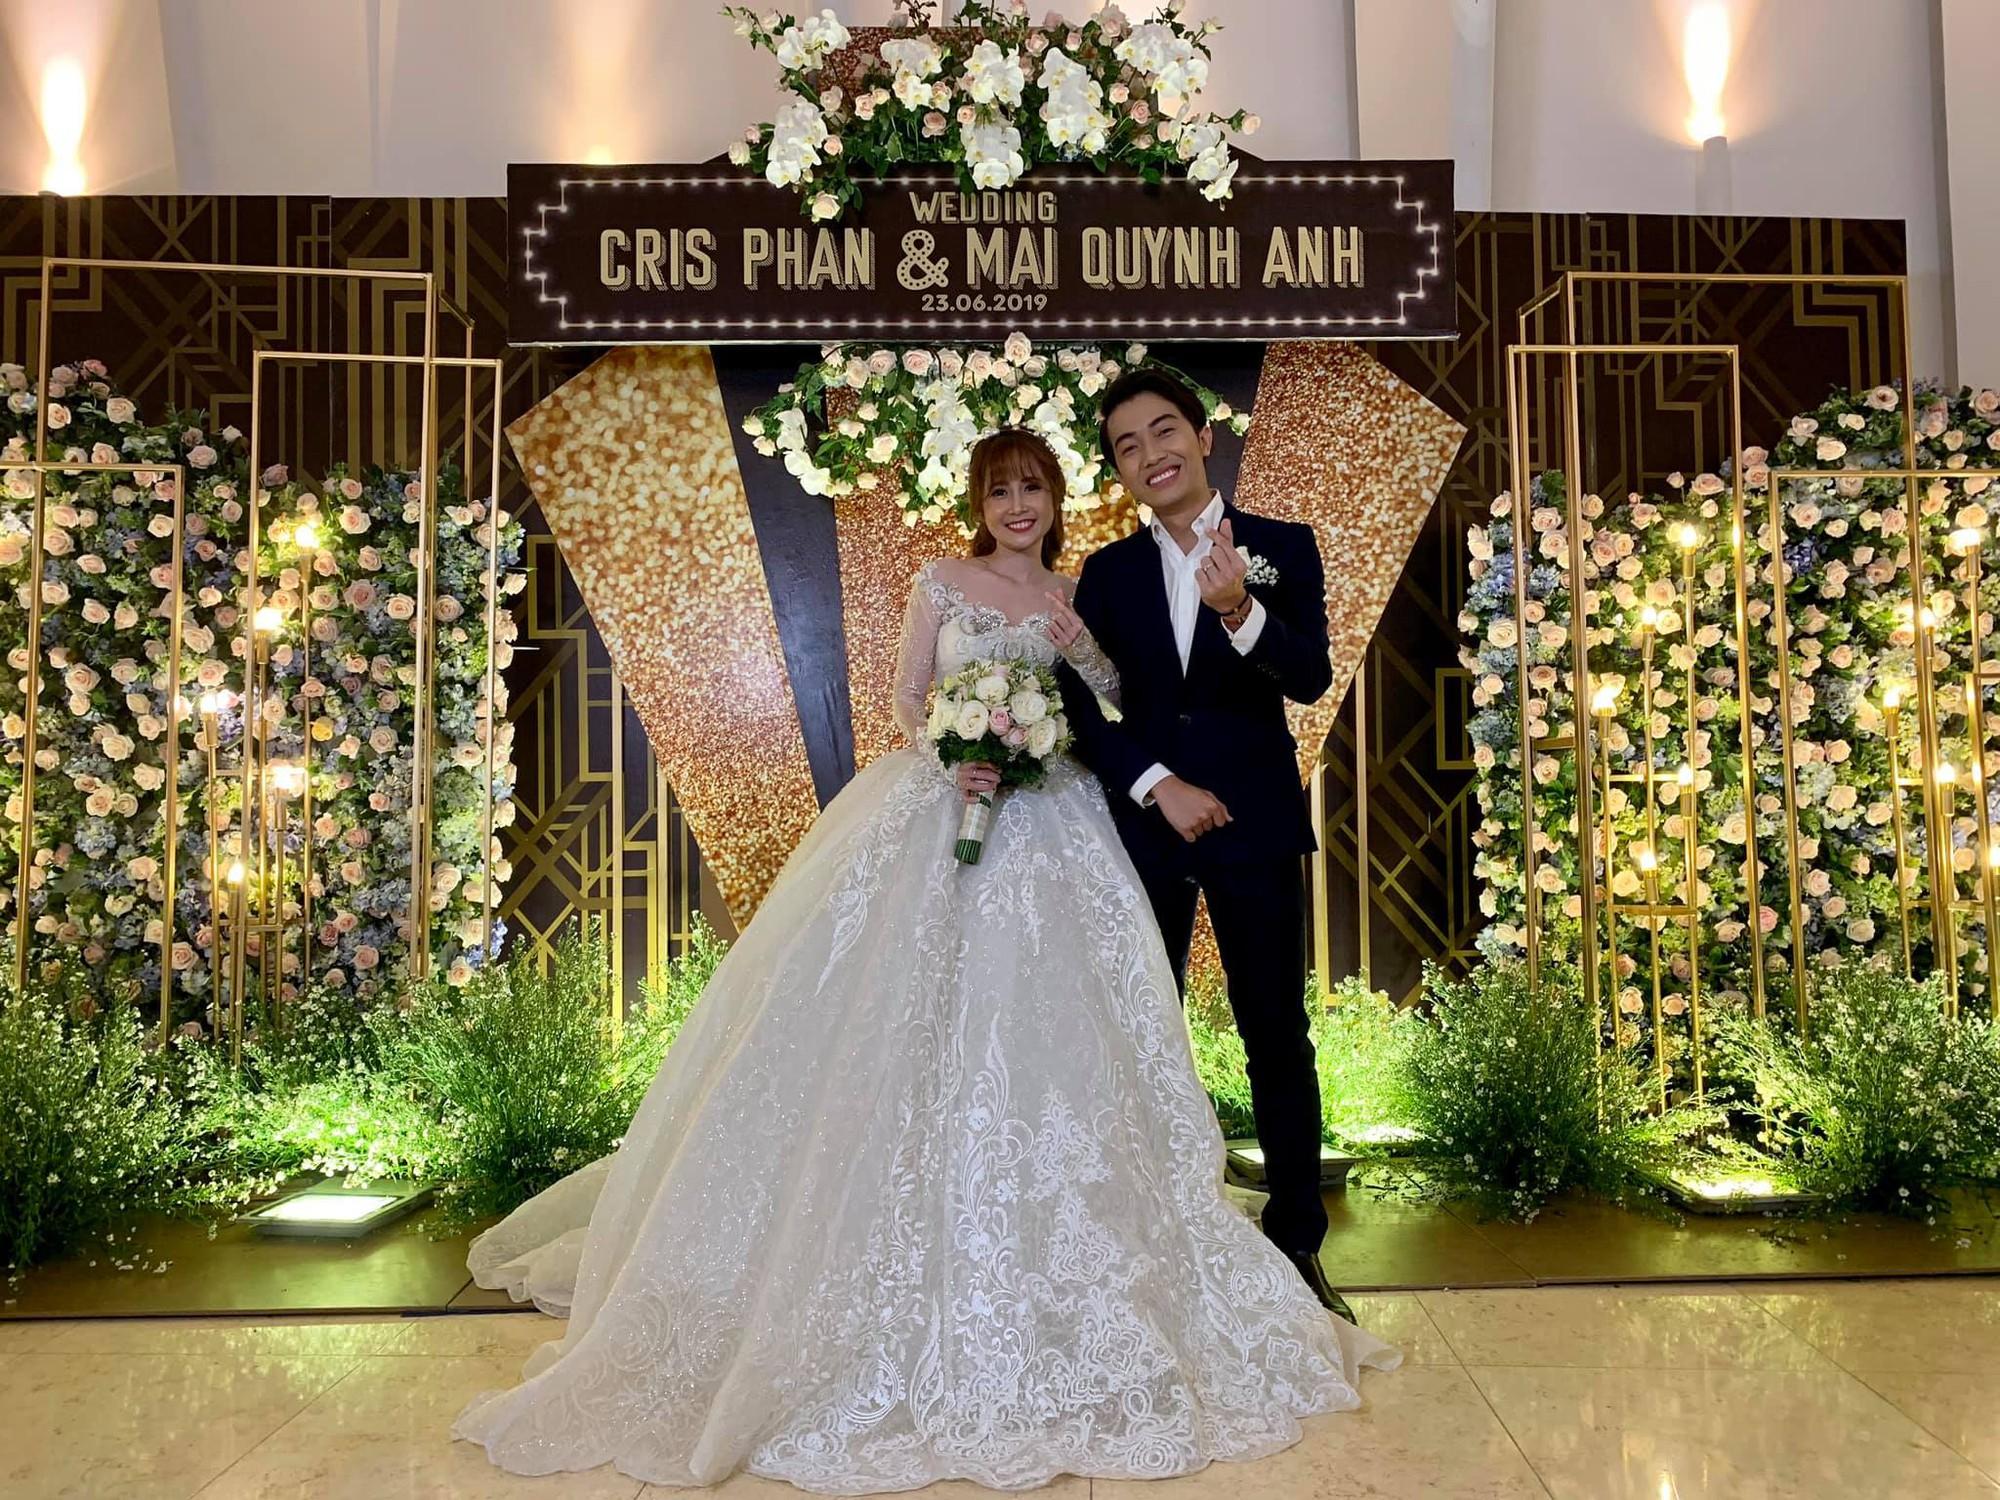 BB Trần gửi ảnh mặc áo cô dâu, đòi cướp chú rể Cris Phan nhưng khai tiệc rồi vẫn chưa thấy đến? - Ảnh 1.